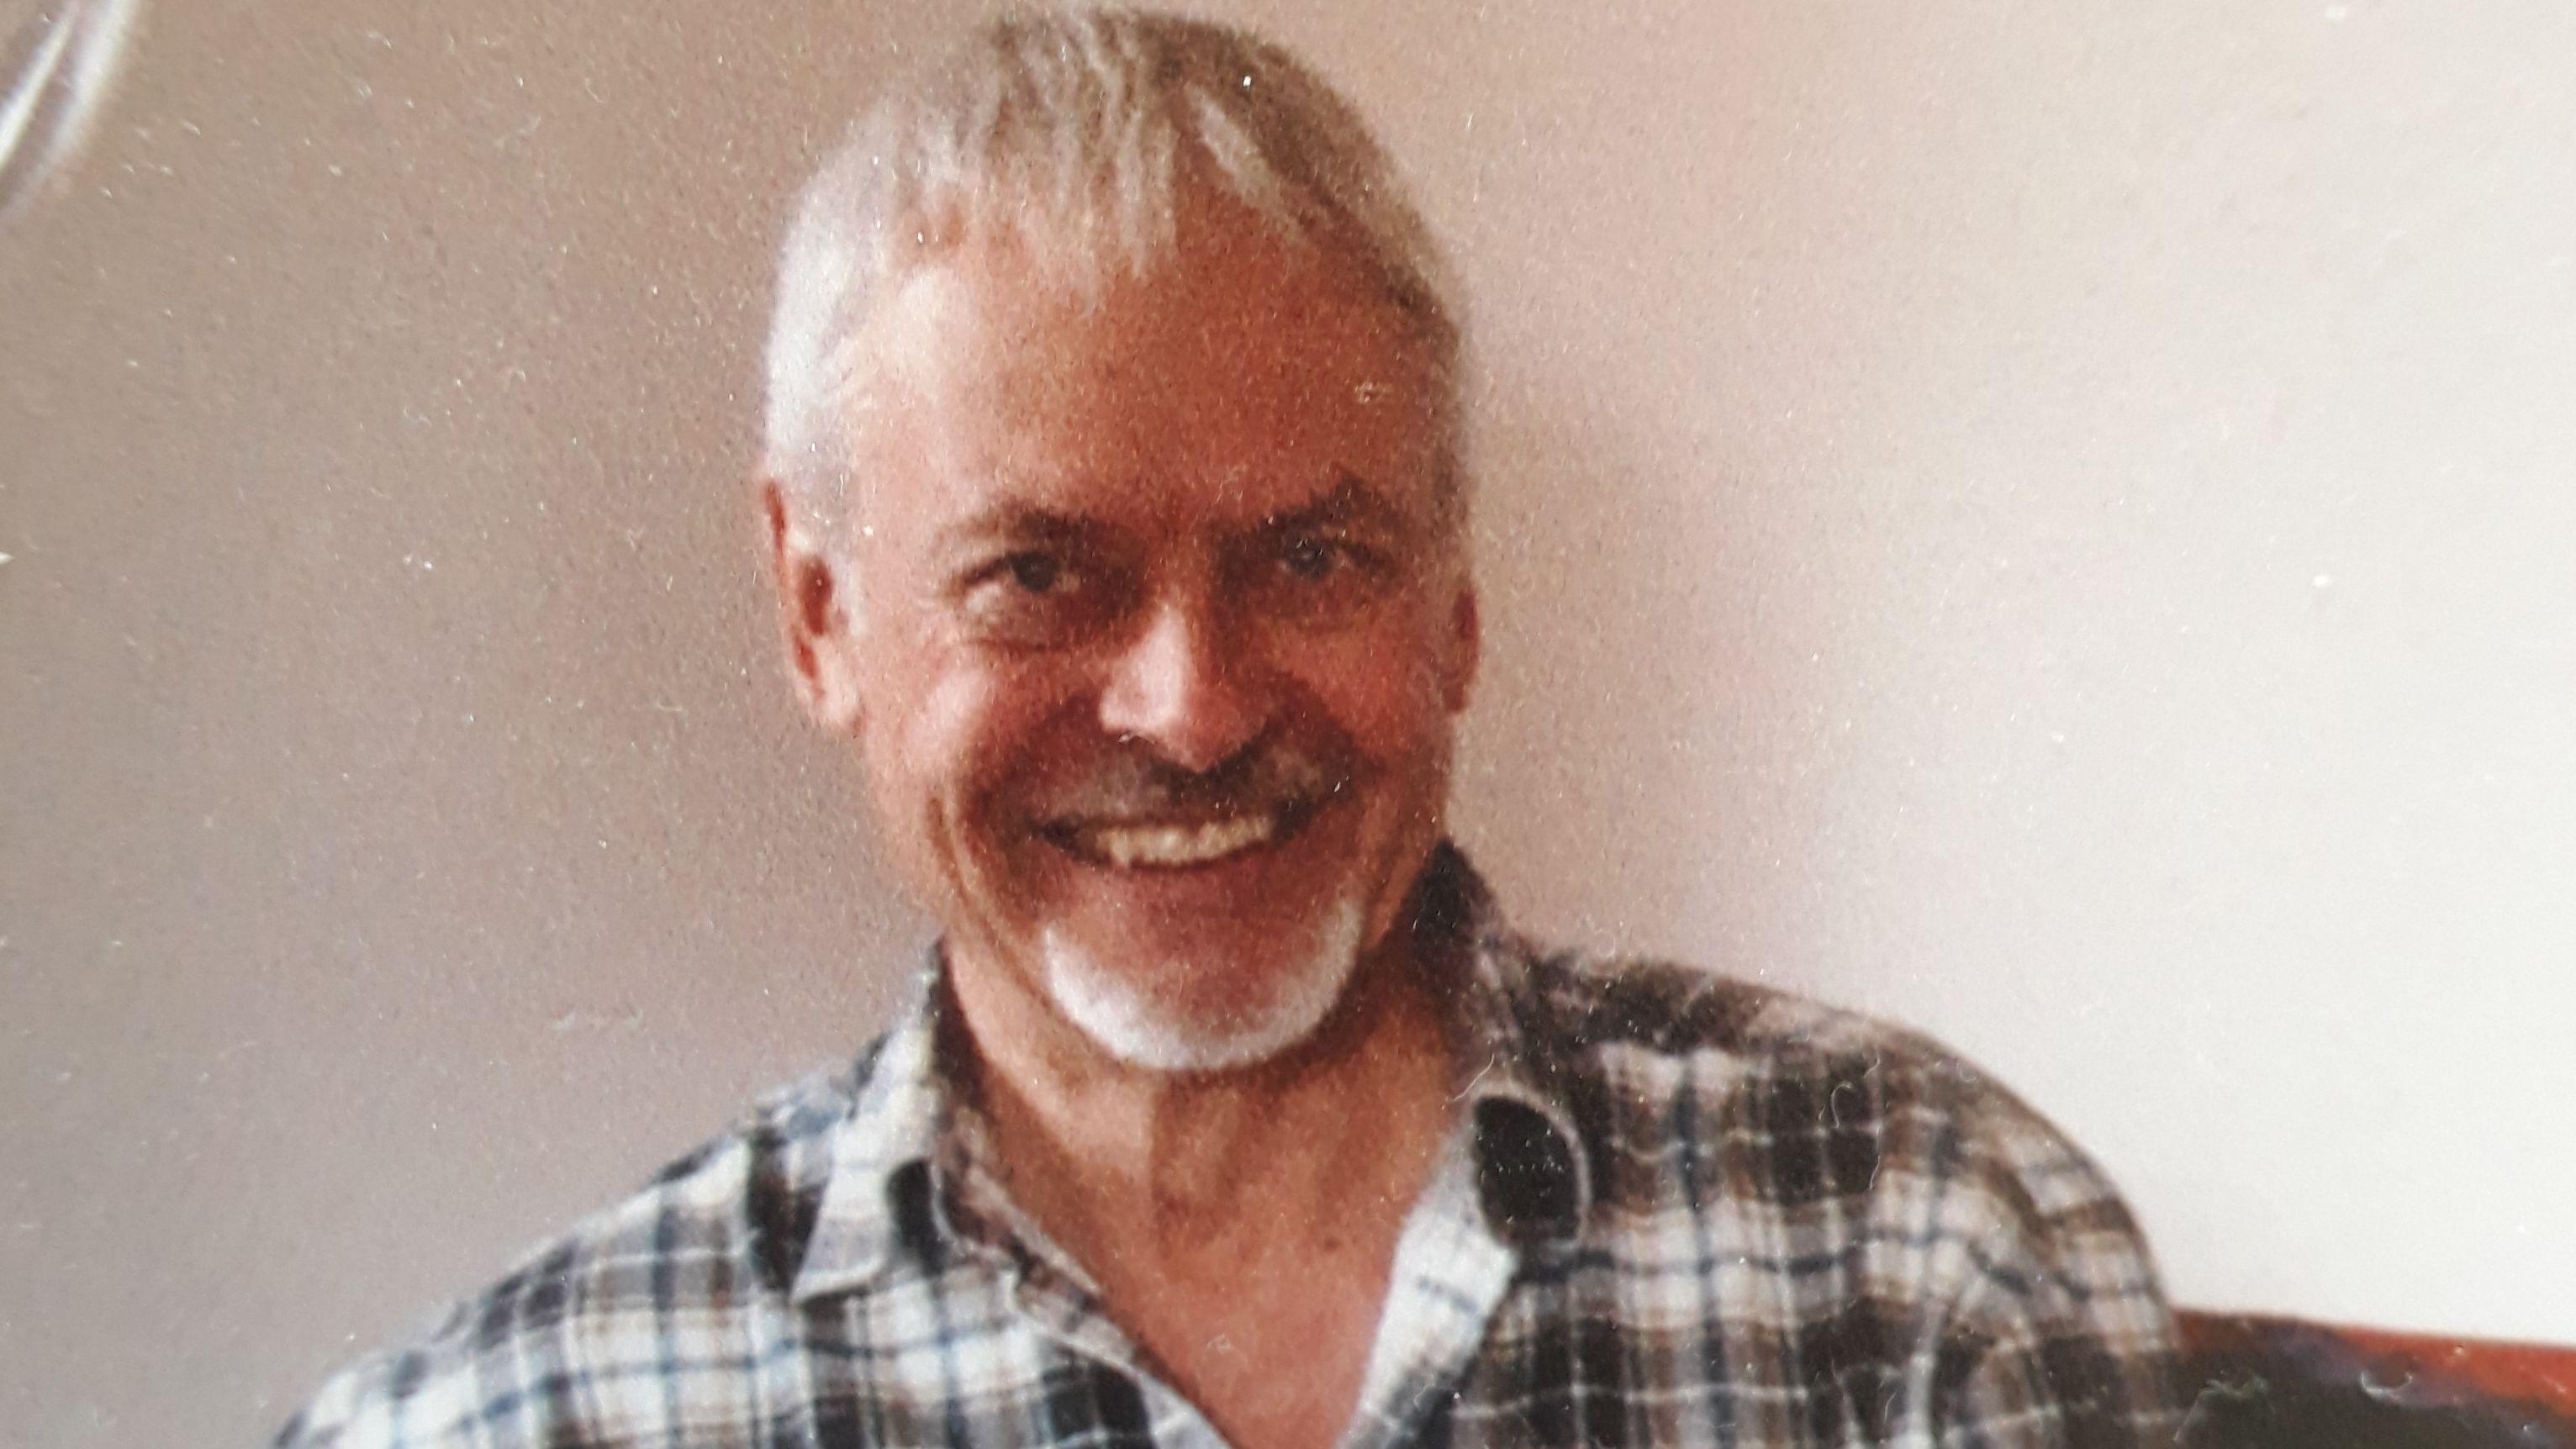 Seit dem 22. Mai wird der 77 Jahre alte Michael Johannes Bergmann aus Weiden vermisst.